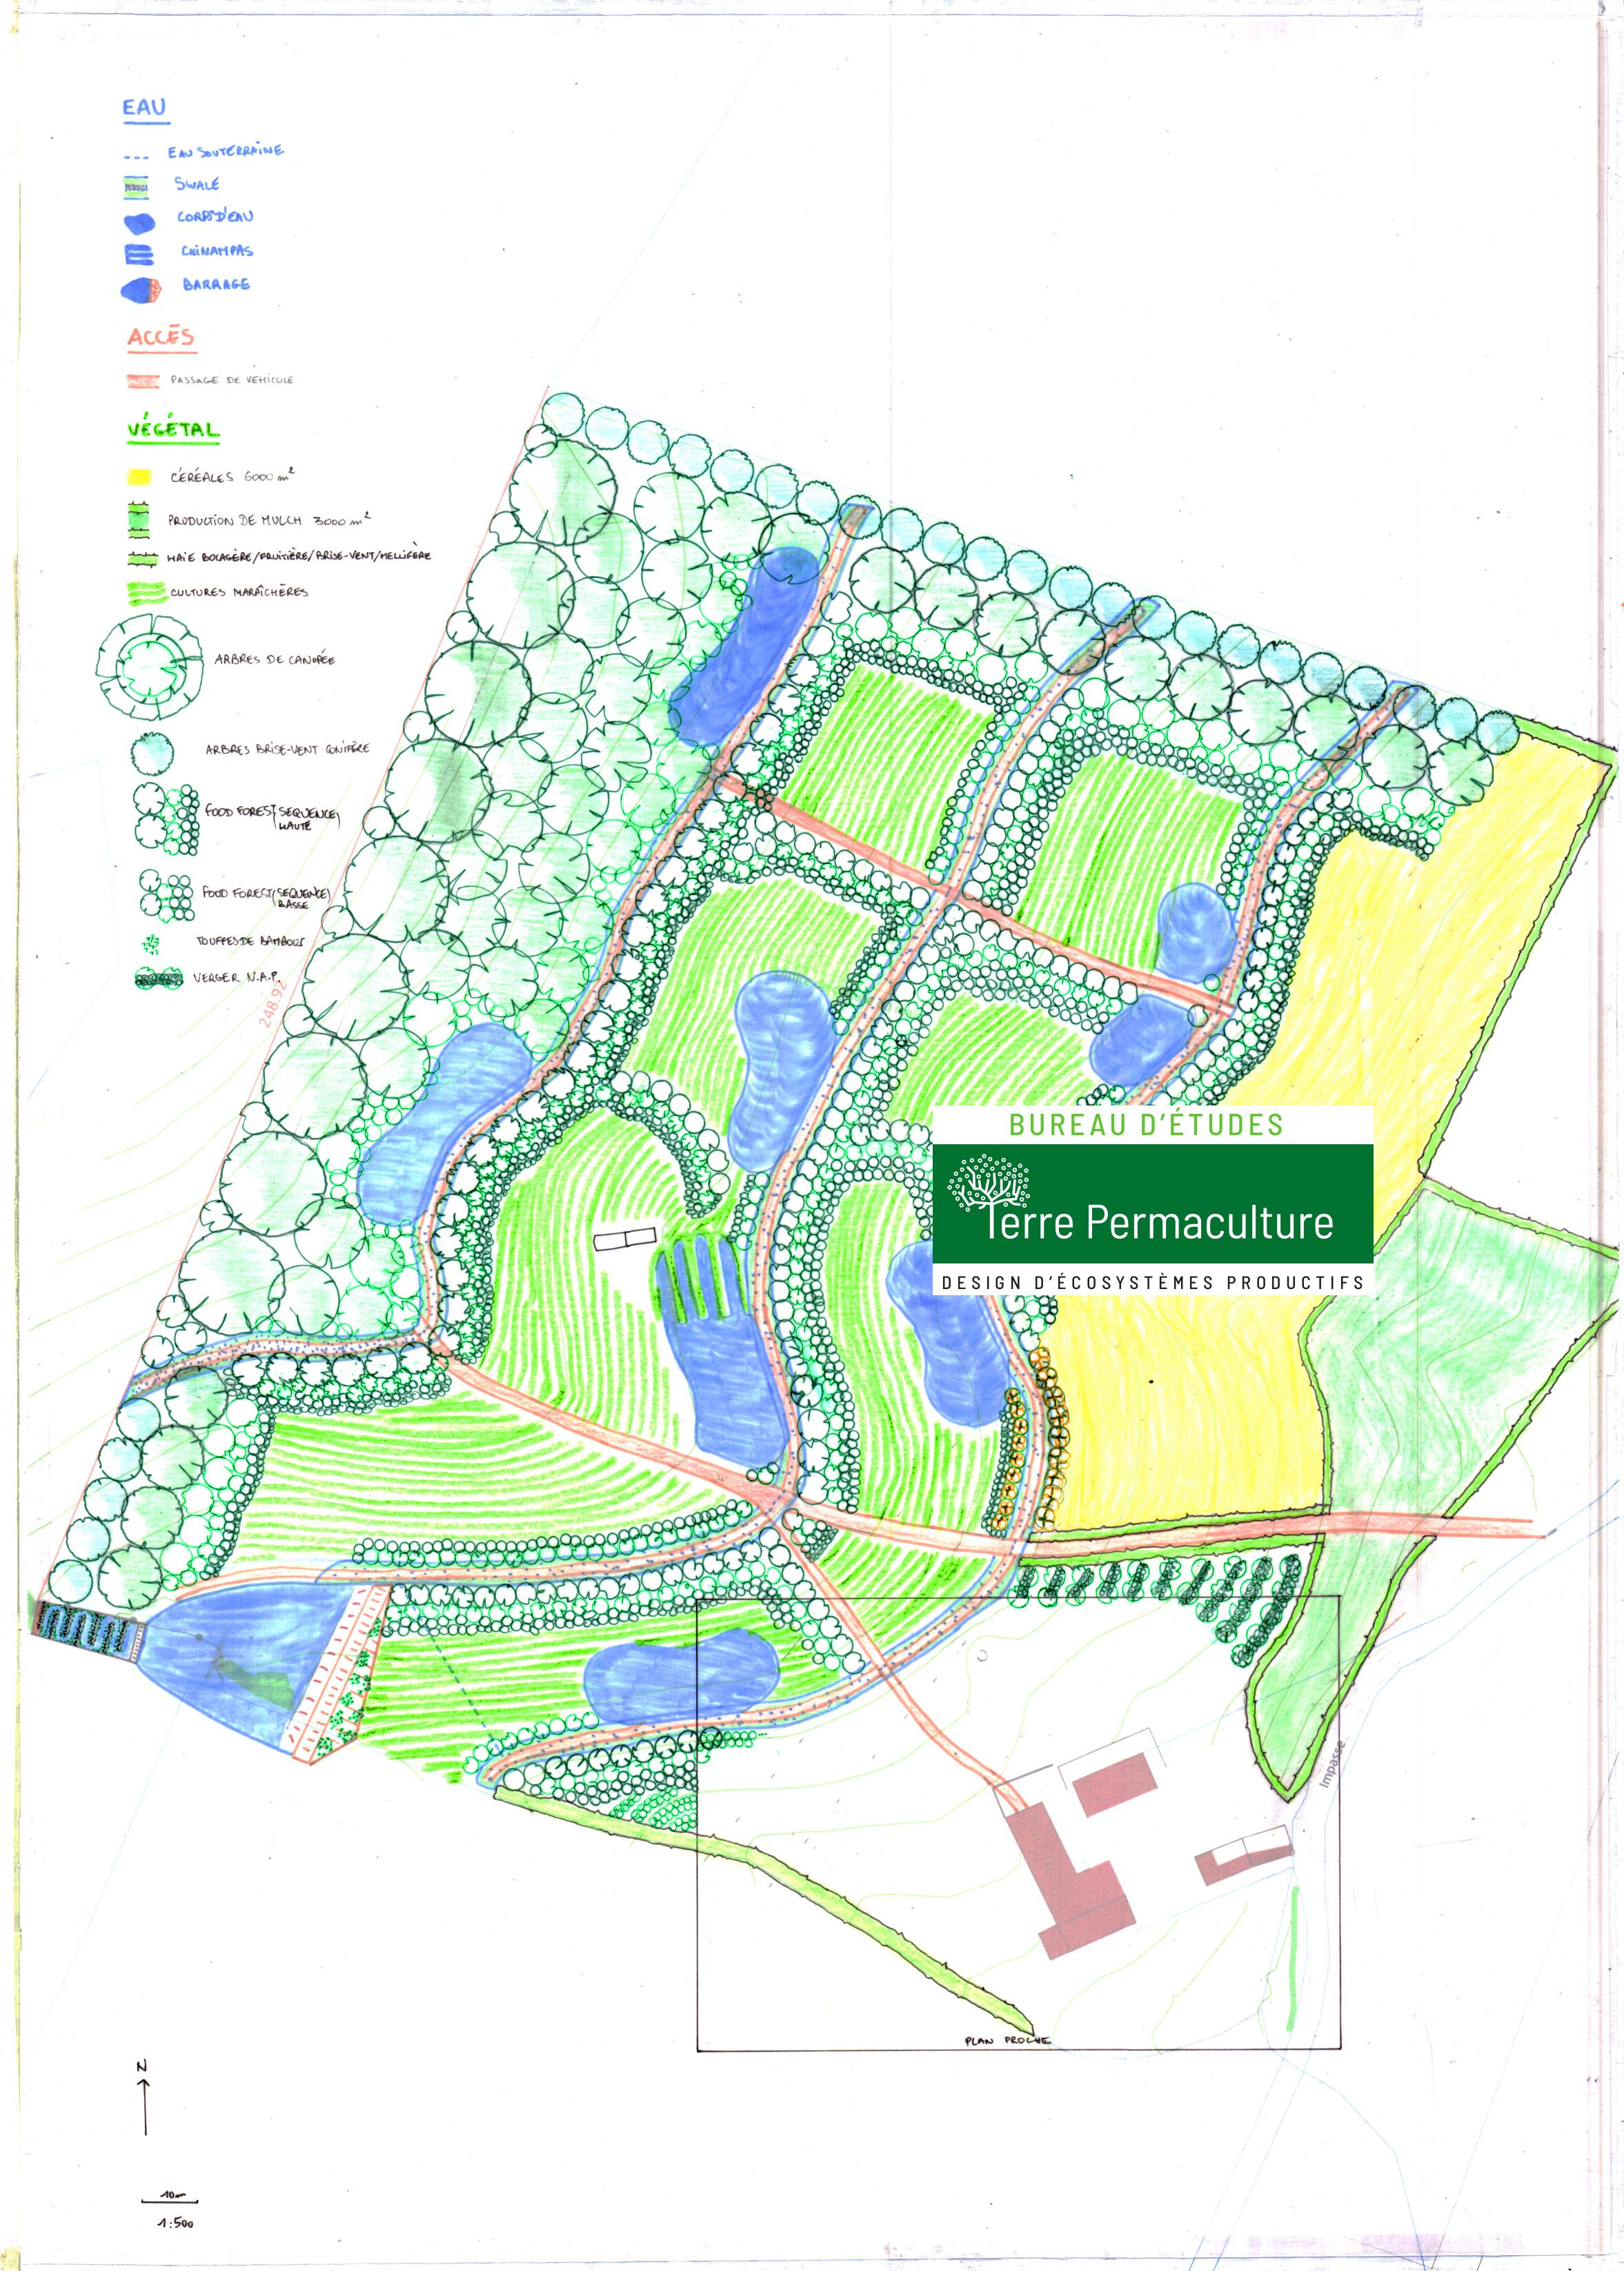 Grand plan général ferme en permaculture louis-romain plumerault designer